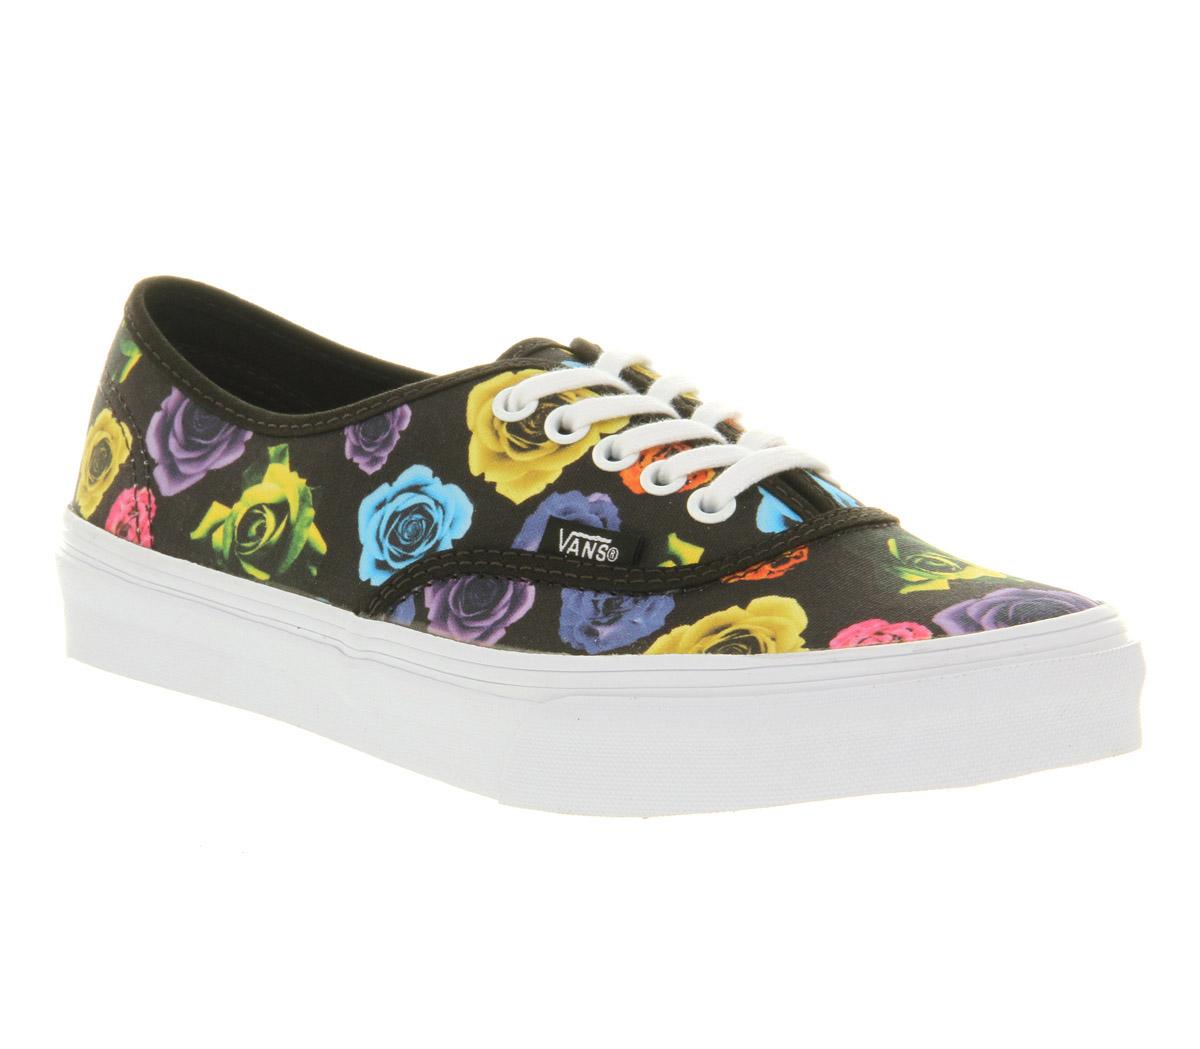 Vans Rose Shoes